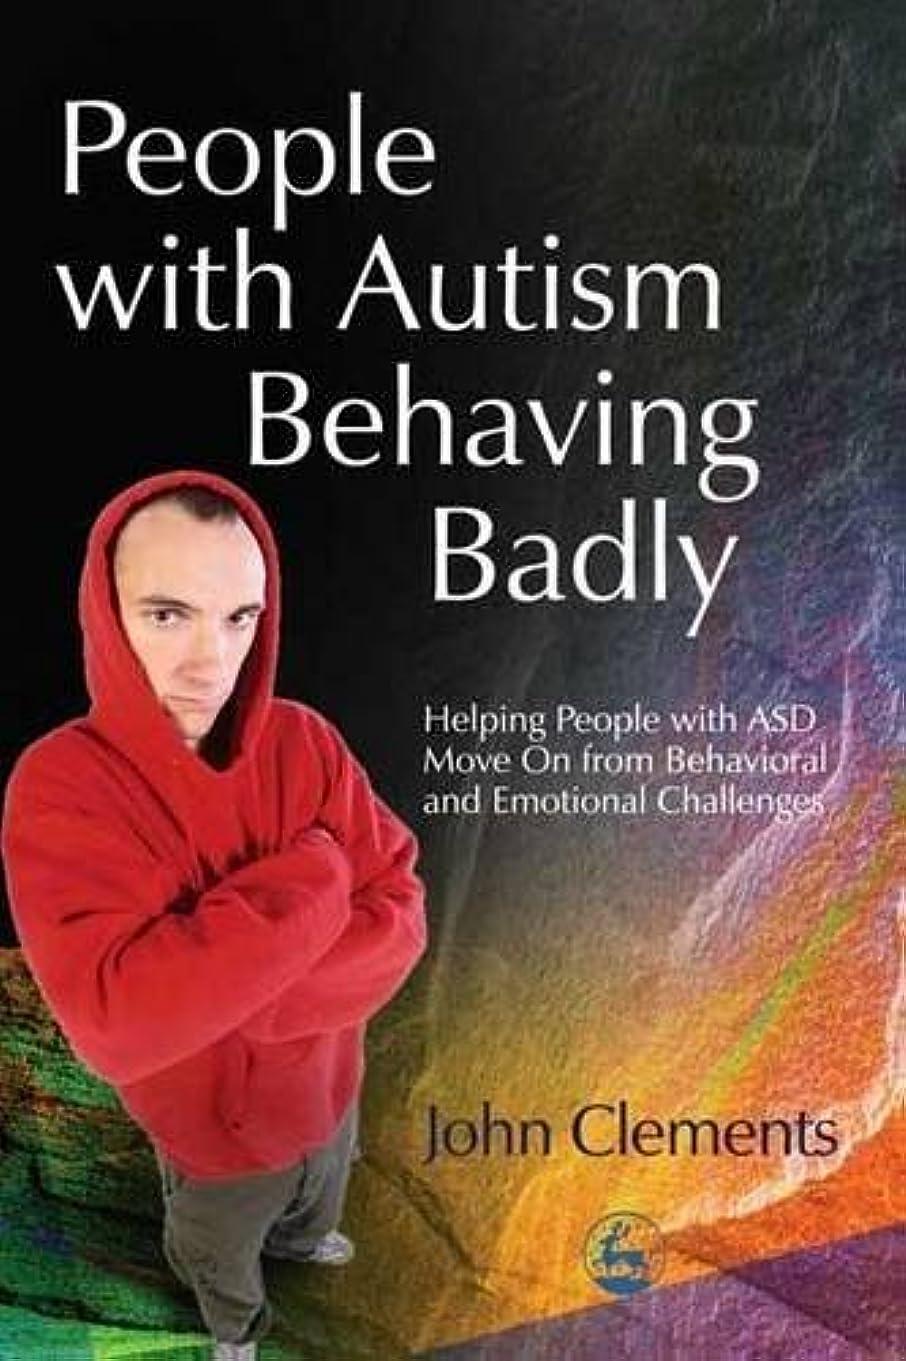 セメント重要性のPeople With Autism Behaving Badly: Helping People with ASD Move on from Behavioral and Emotional Challenges